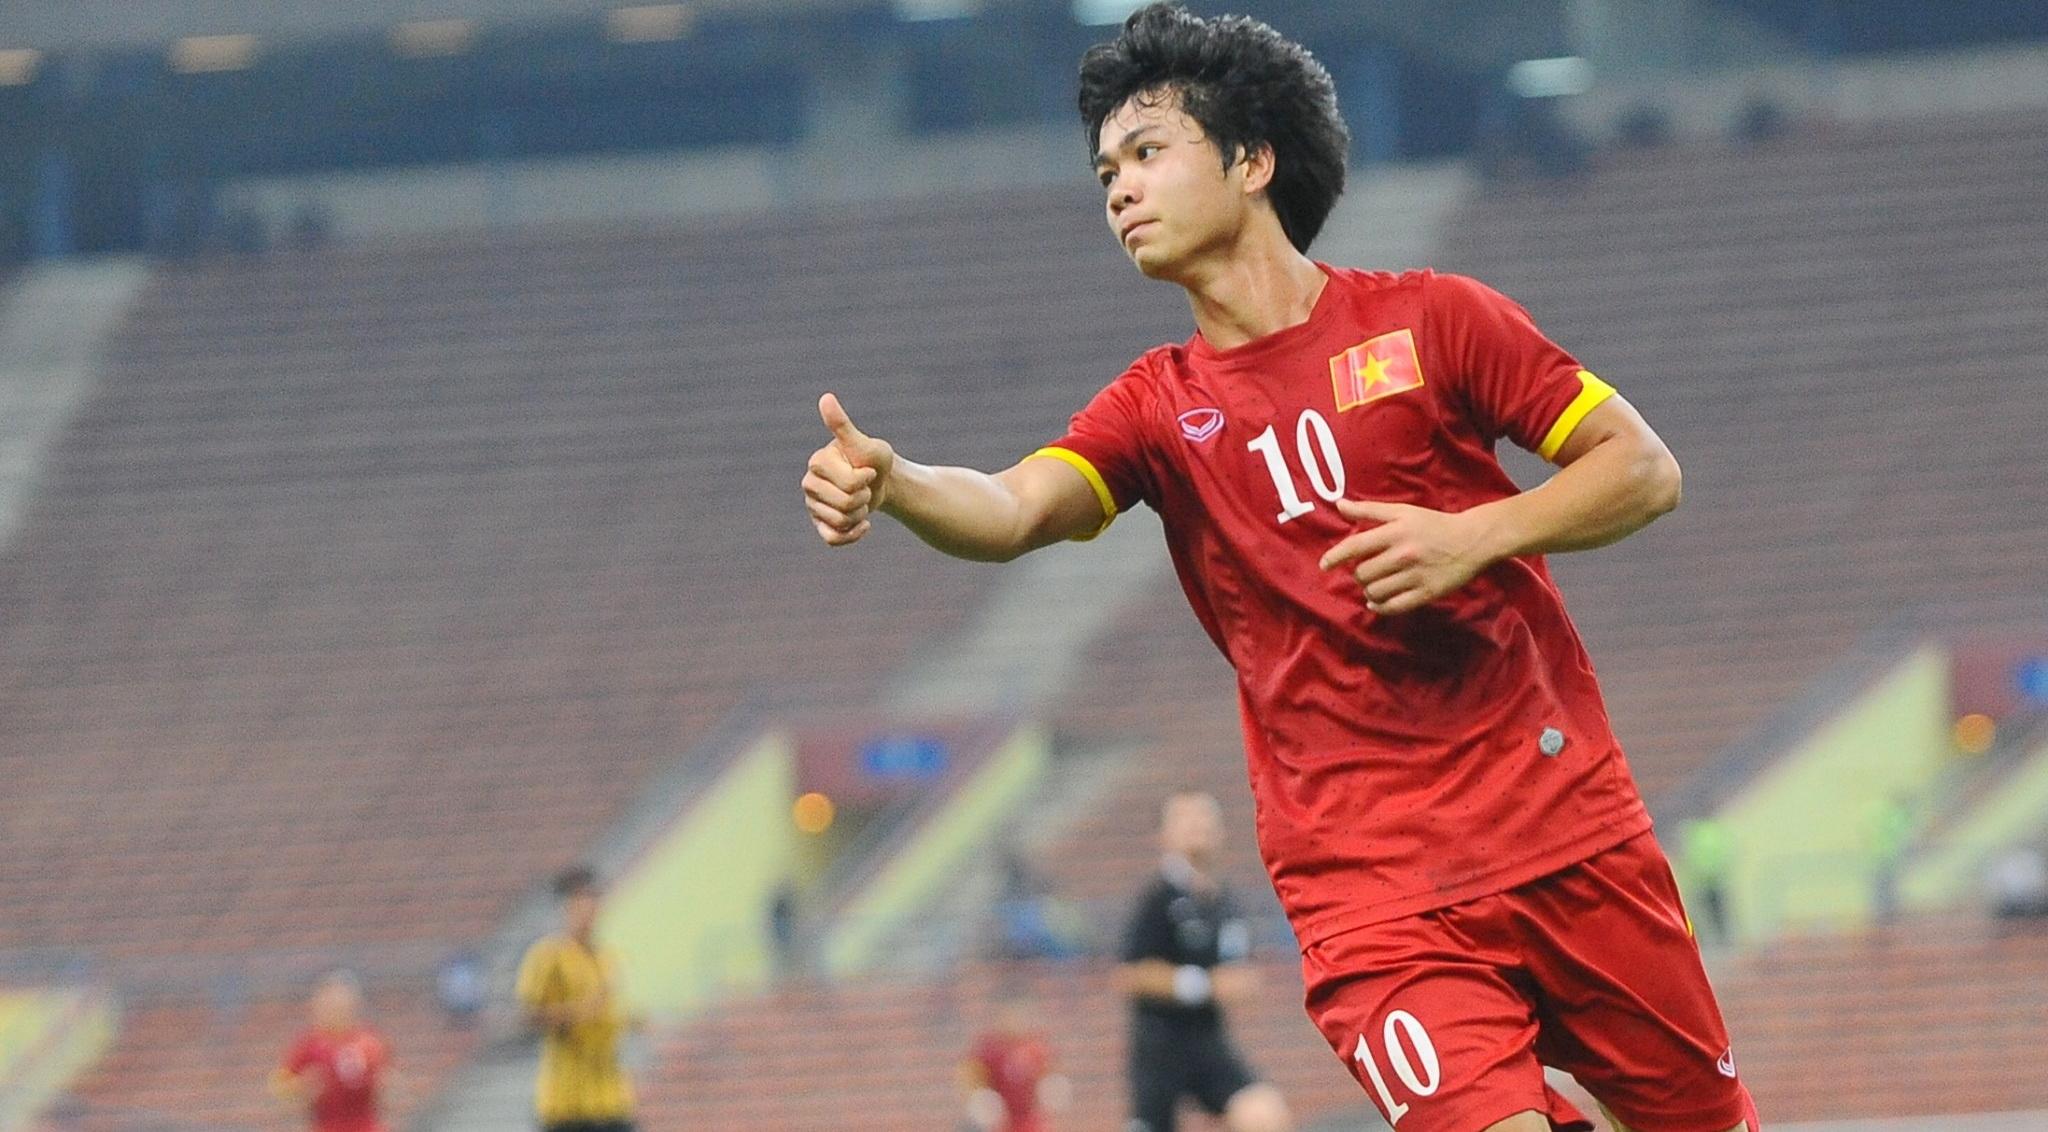 Đội hình tiêu biểu các cầu thủ sinh năm 1995 của bóng đá Việt Nam